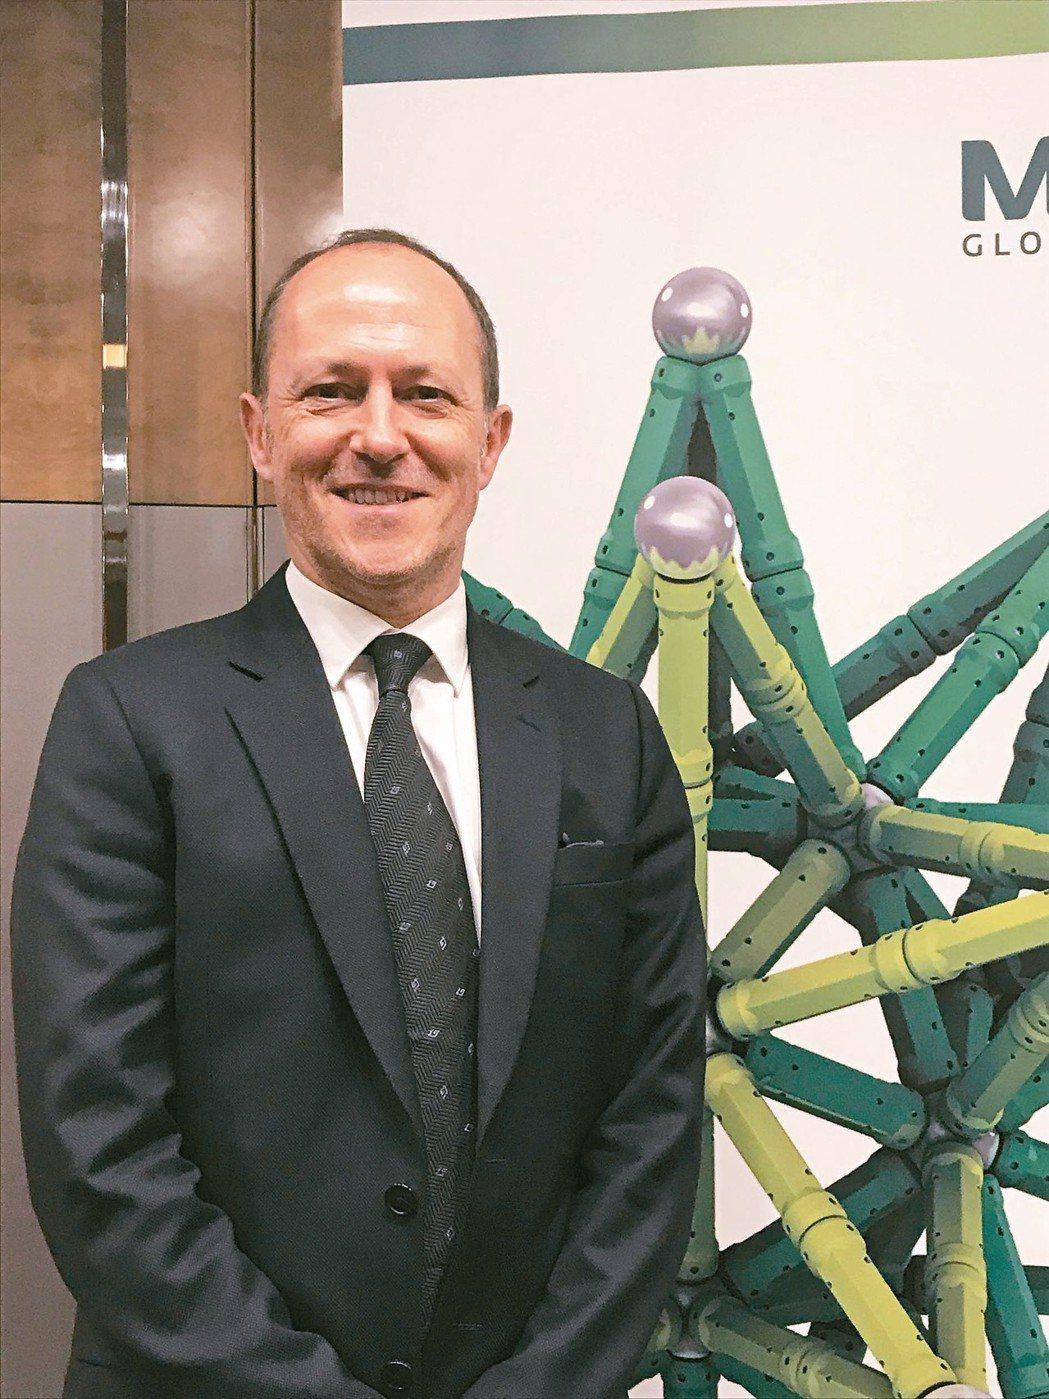 先機環球投資債券投資總監戴維斯(Huw Davies) 記者張瀞文/攝影